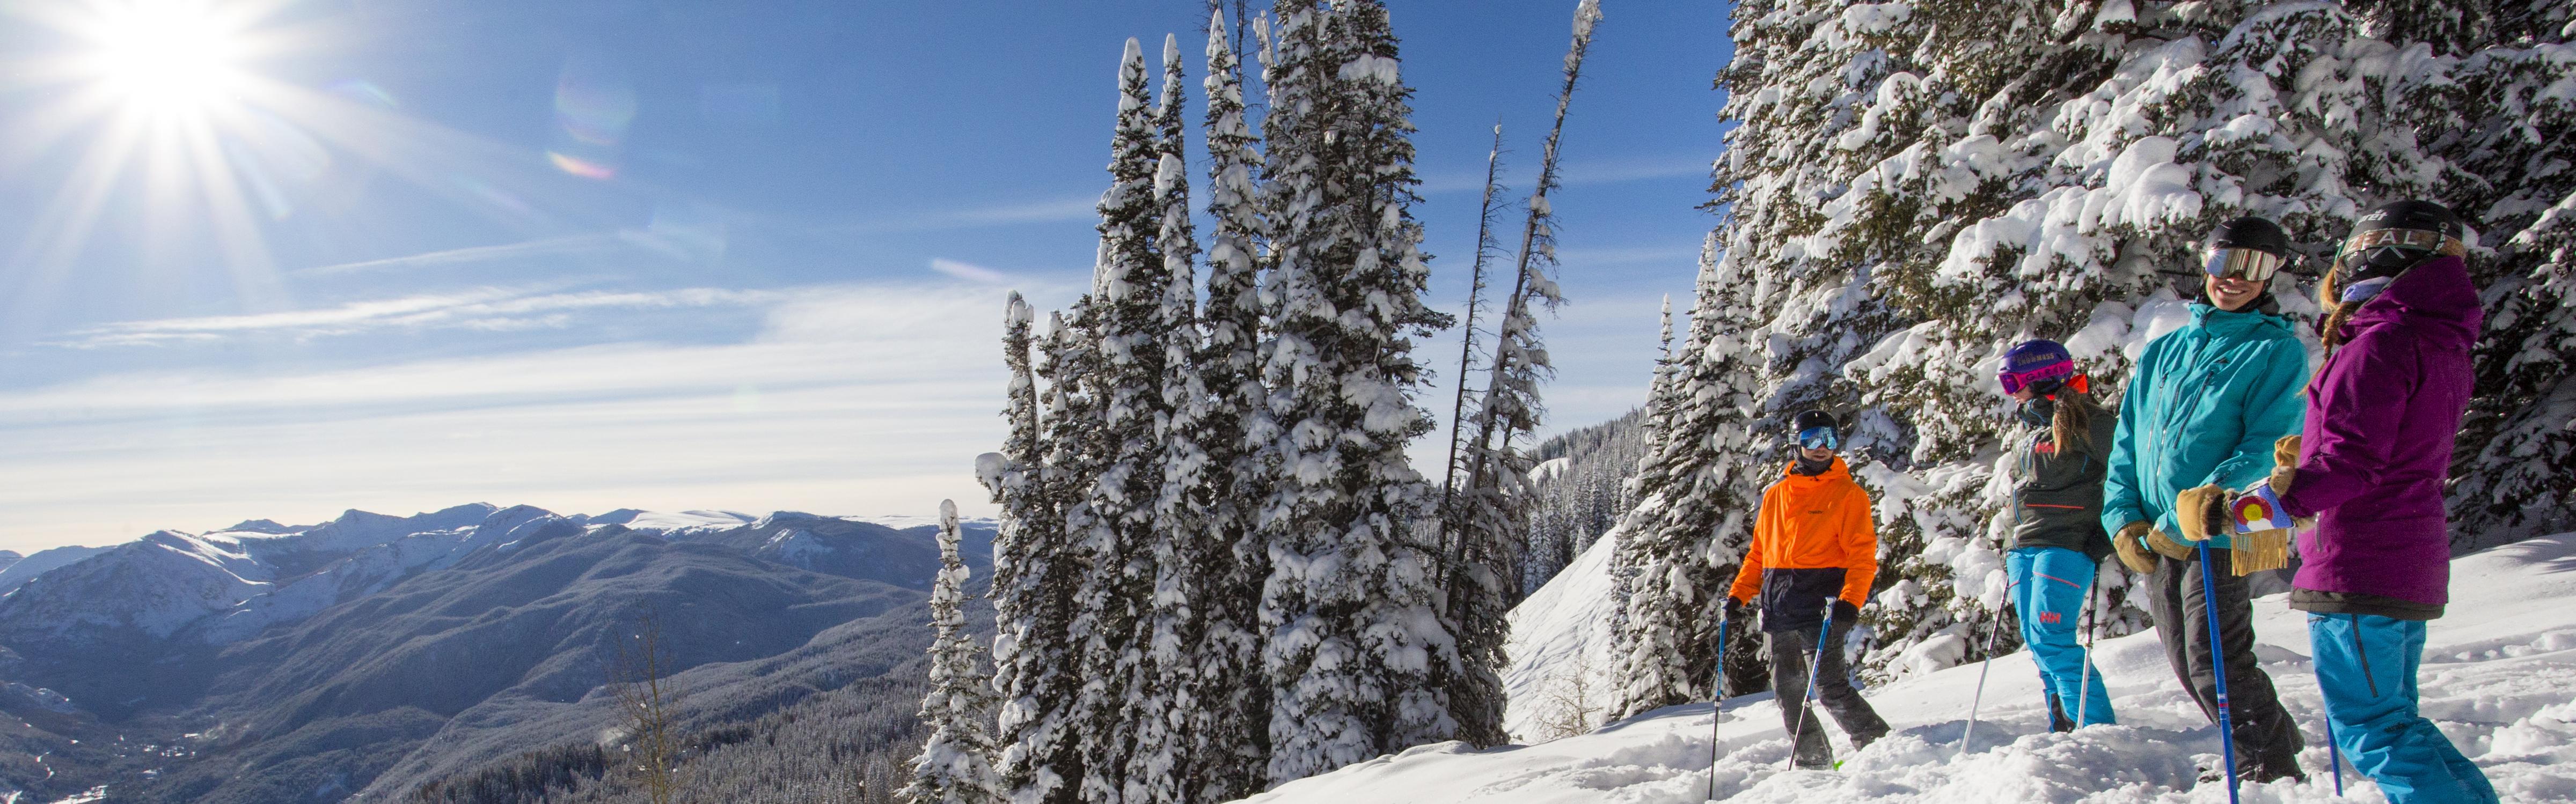 ski.com trustpilot reviews